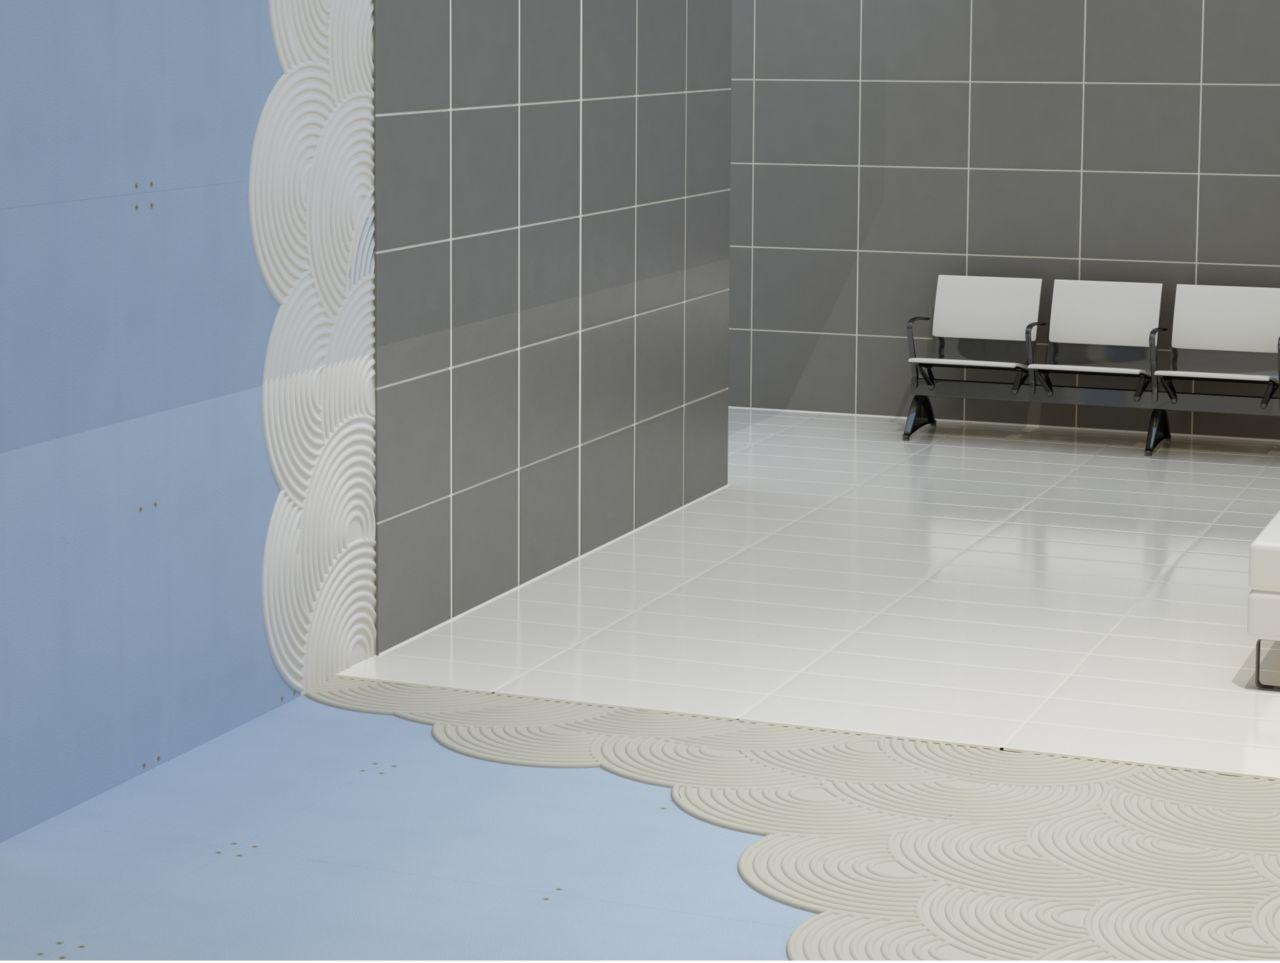 在大厅的石膏板墙上放置粘合剂和瓷砖的插图和椅子